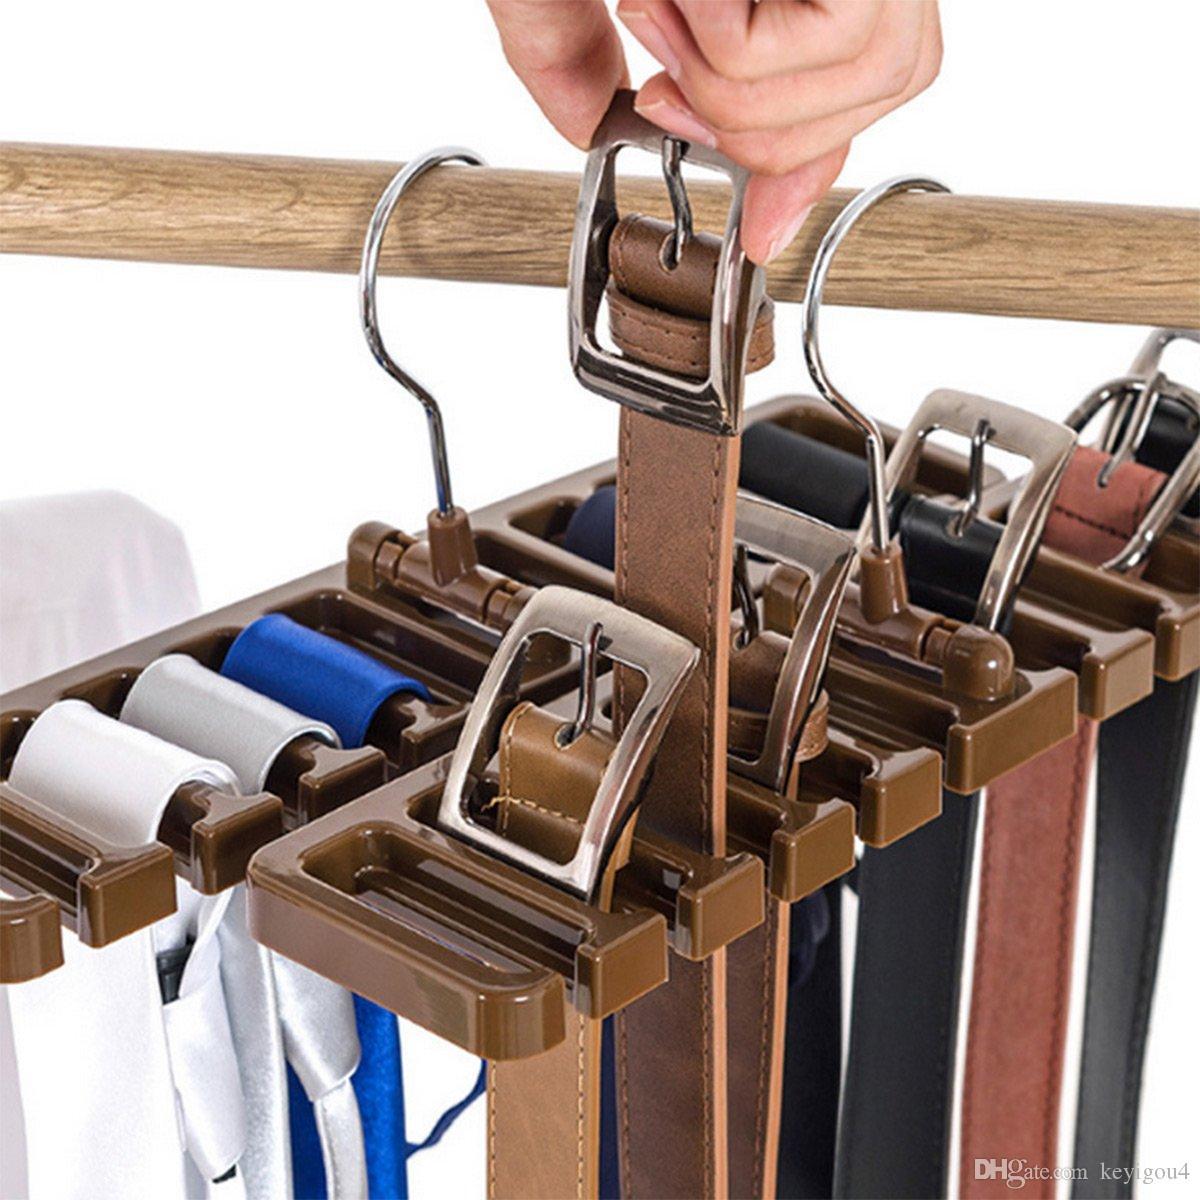 Pack of 2 tie rack Belt Organizer Armazenamento, Multifuction Rotating Ties Scarf Hanger Titular Closet Organização Roupeiro Prateleira Acabamento